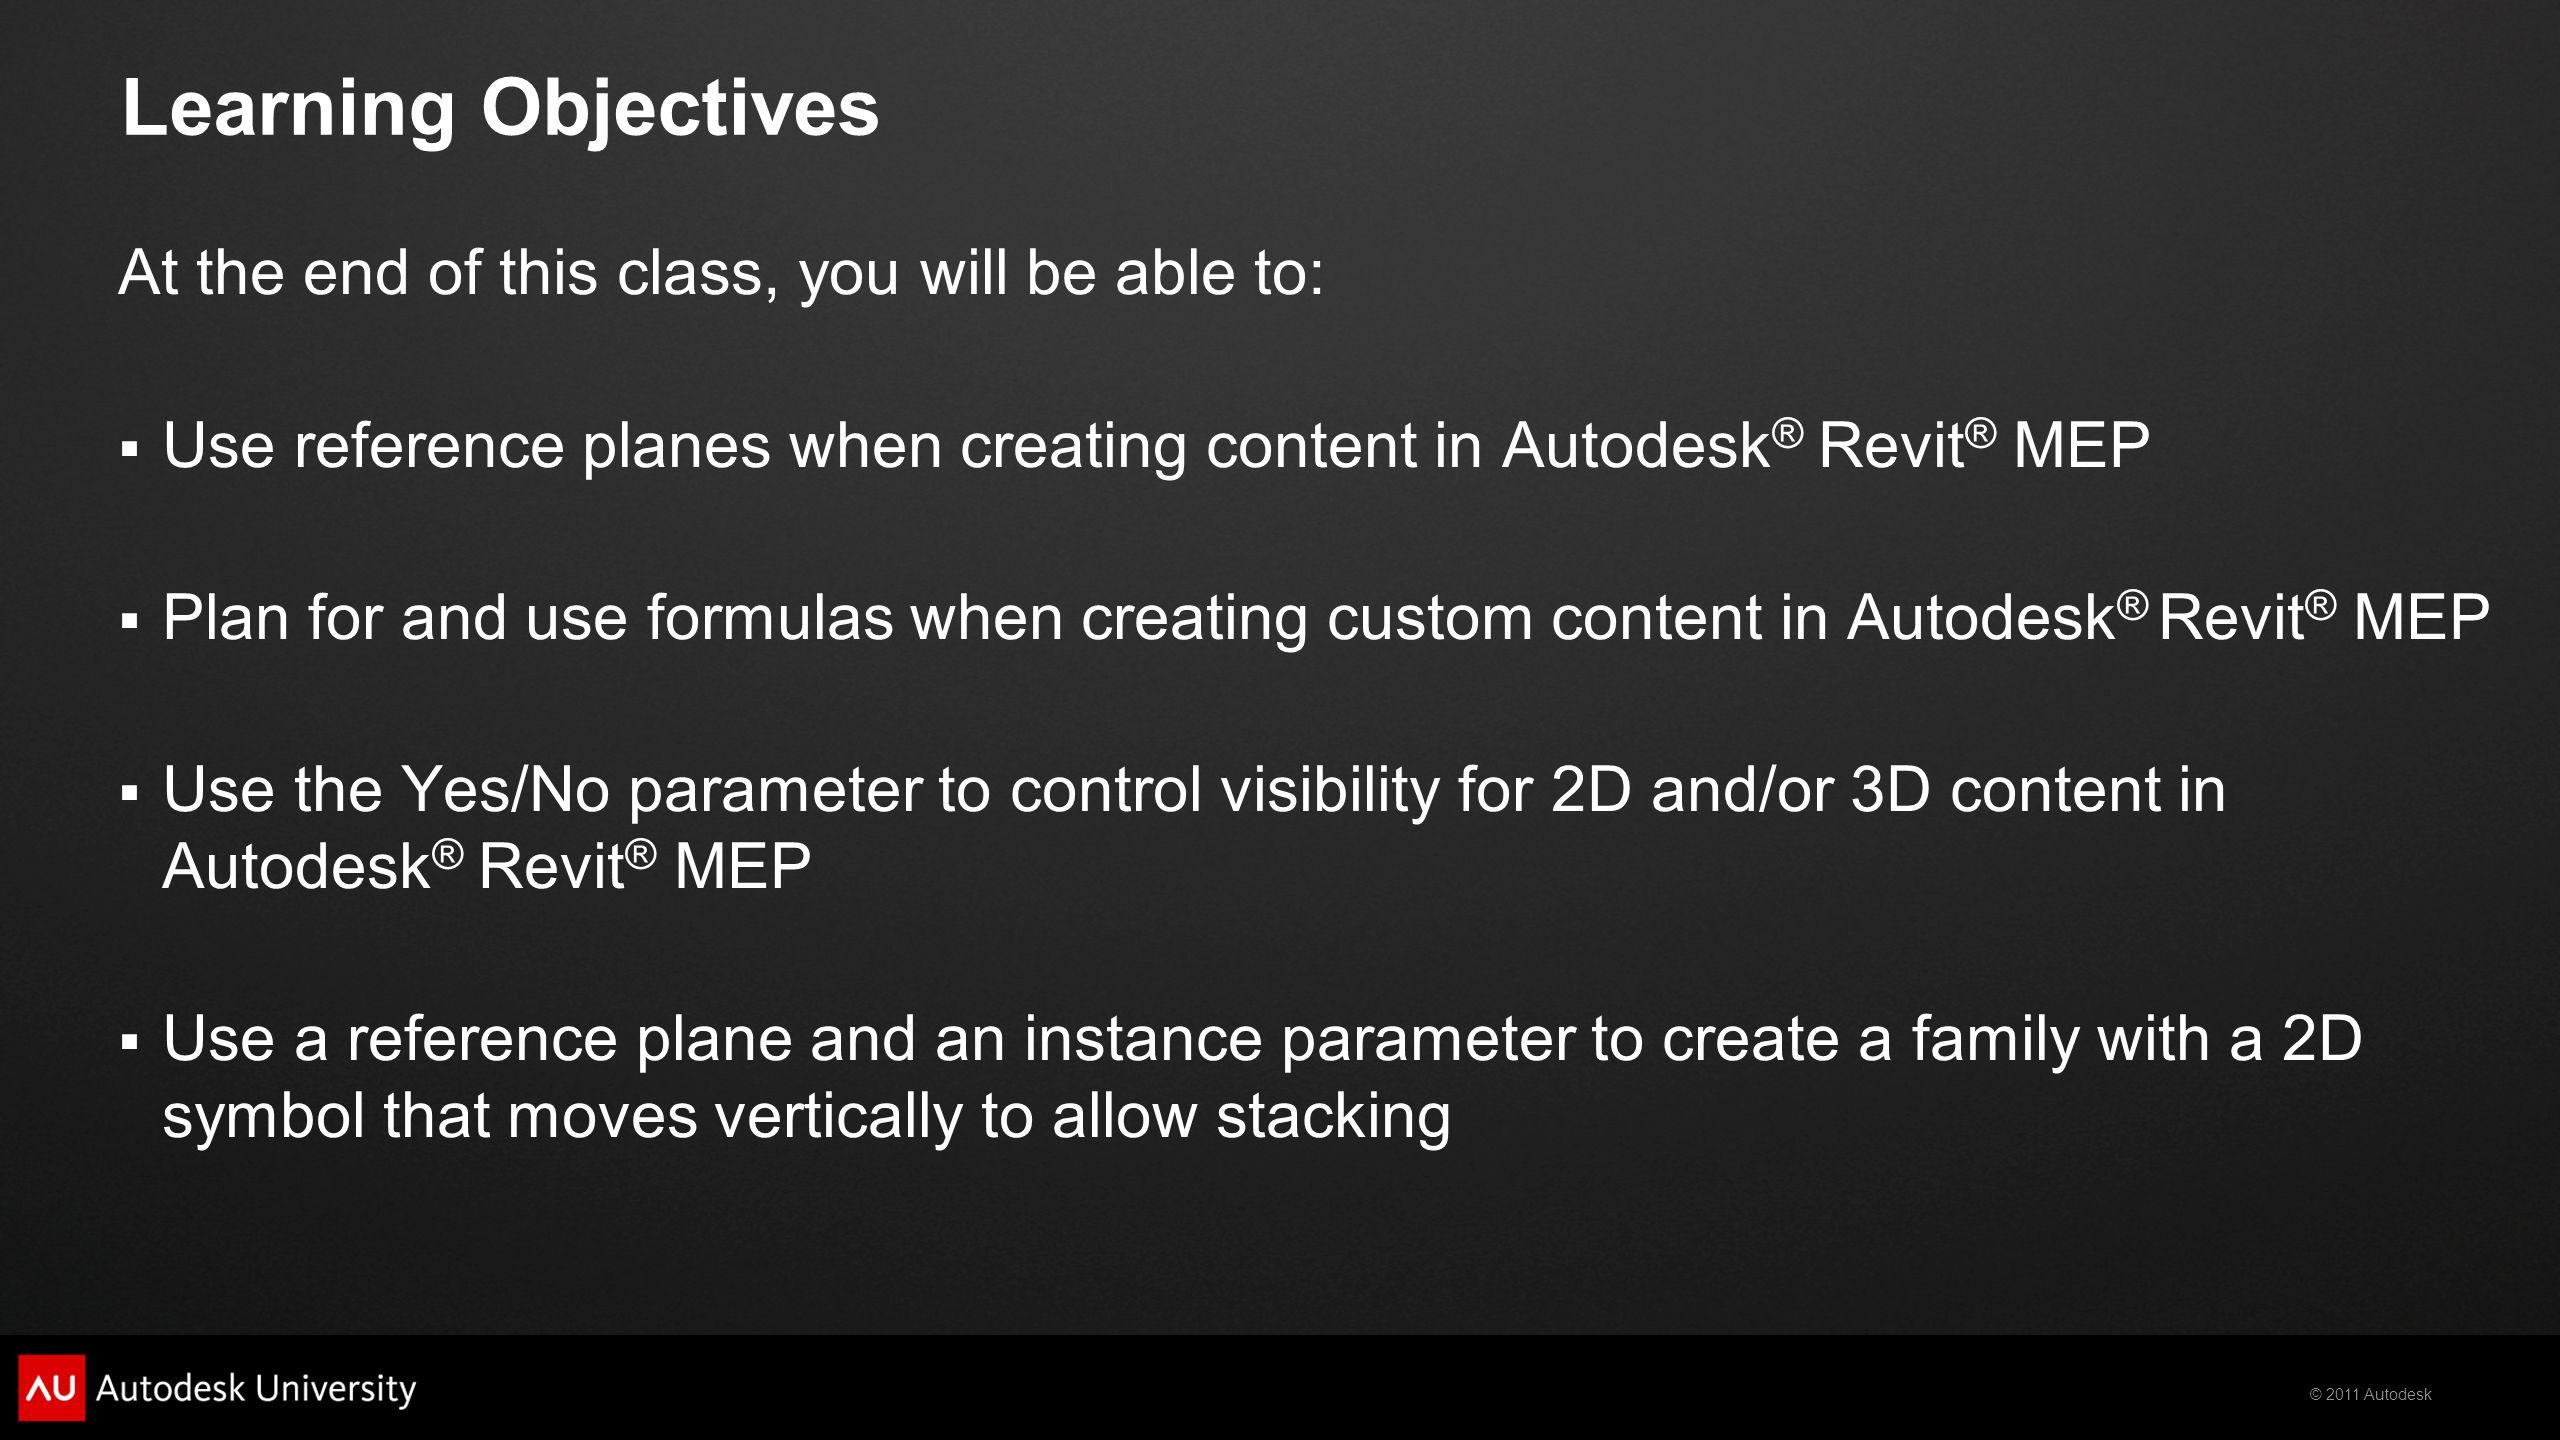 2011 Autodesk Autodesk ® Revit ® MEP Content Creation Lab